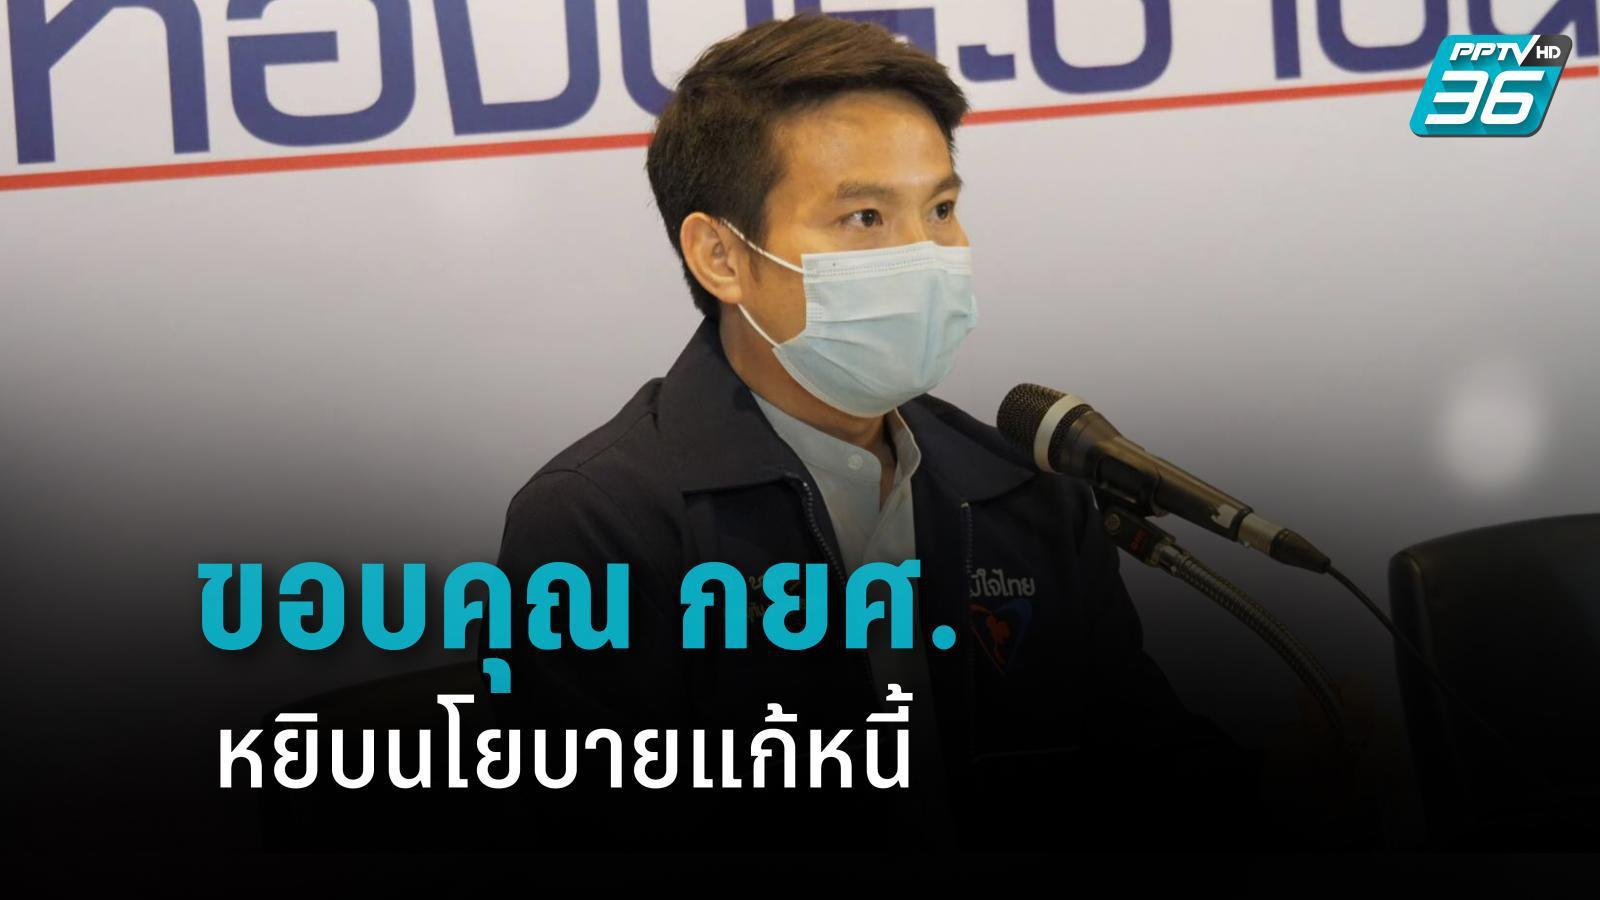 """""""ภราดร"""" ขอบคุณ กยศ. หยิบนโยบาย ภูมิใจไทย แก้หนี้"""